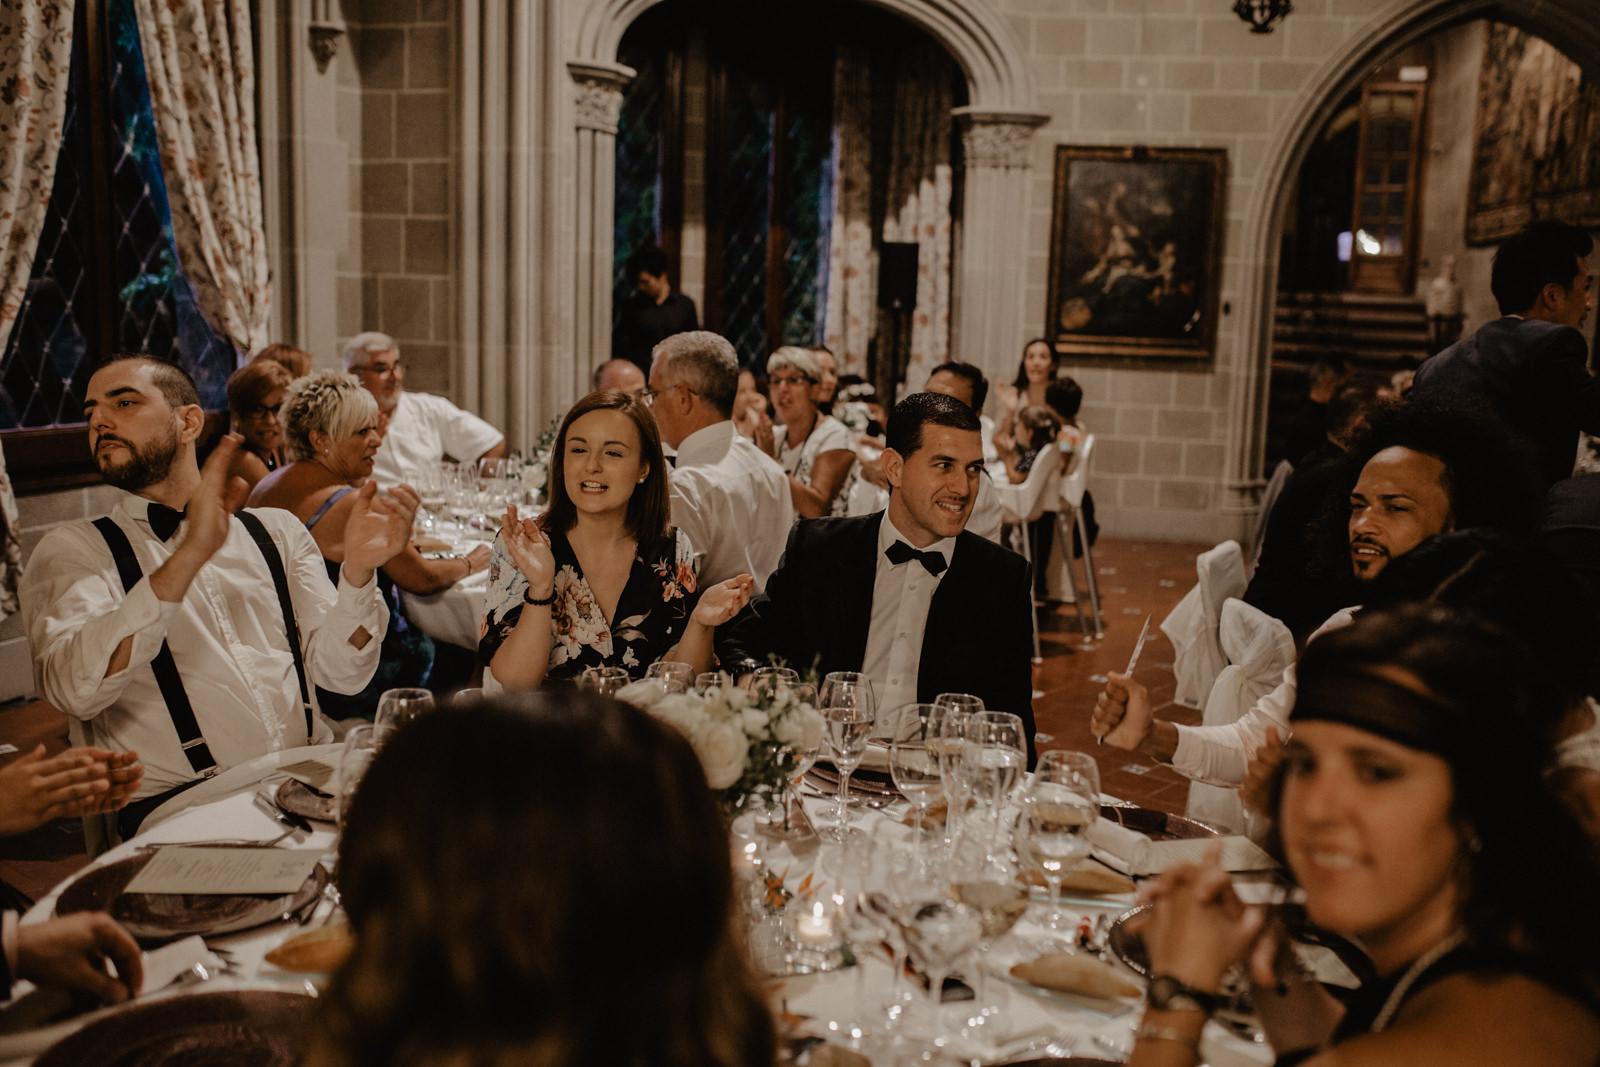 thenortherngirlphotography_photography_thenortherngirl_rebeccascabros_wedding_weddingphotography_weddingphotographer_barcelona_bodaenlabaronia_labaronia_japanesewedding_destinationwedding_shokoalbert-801.jpg